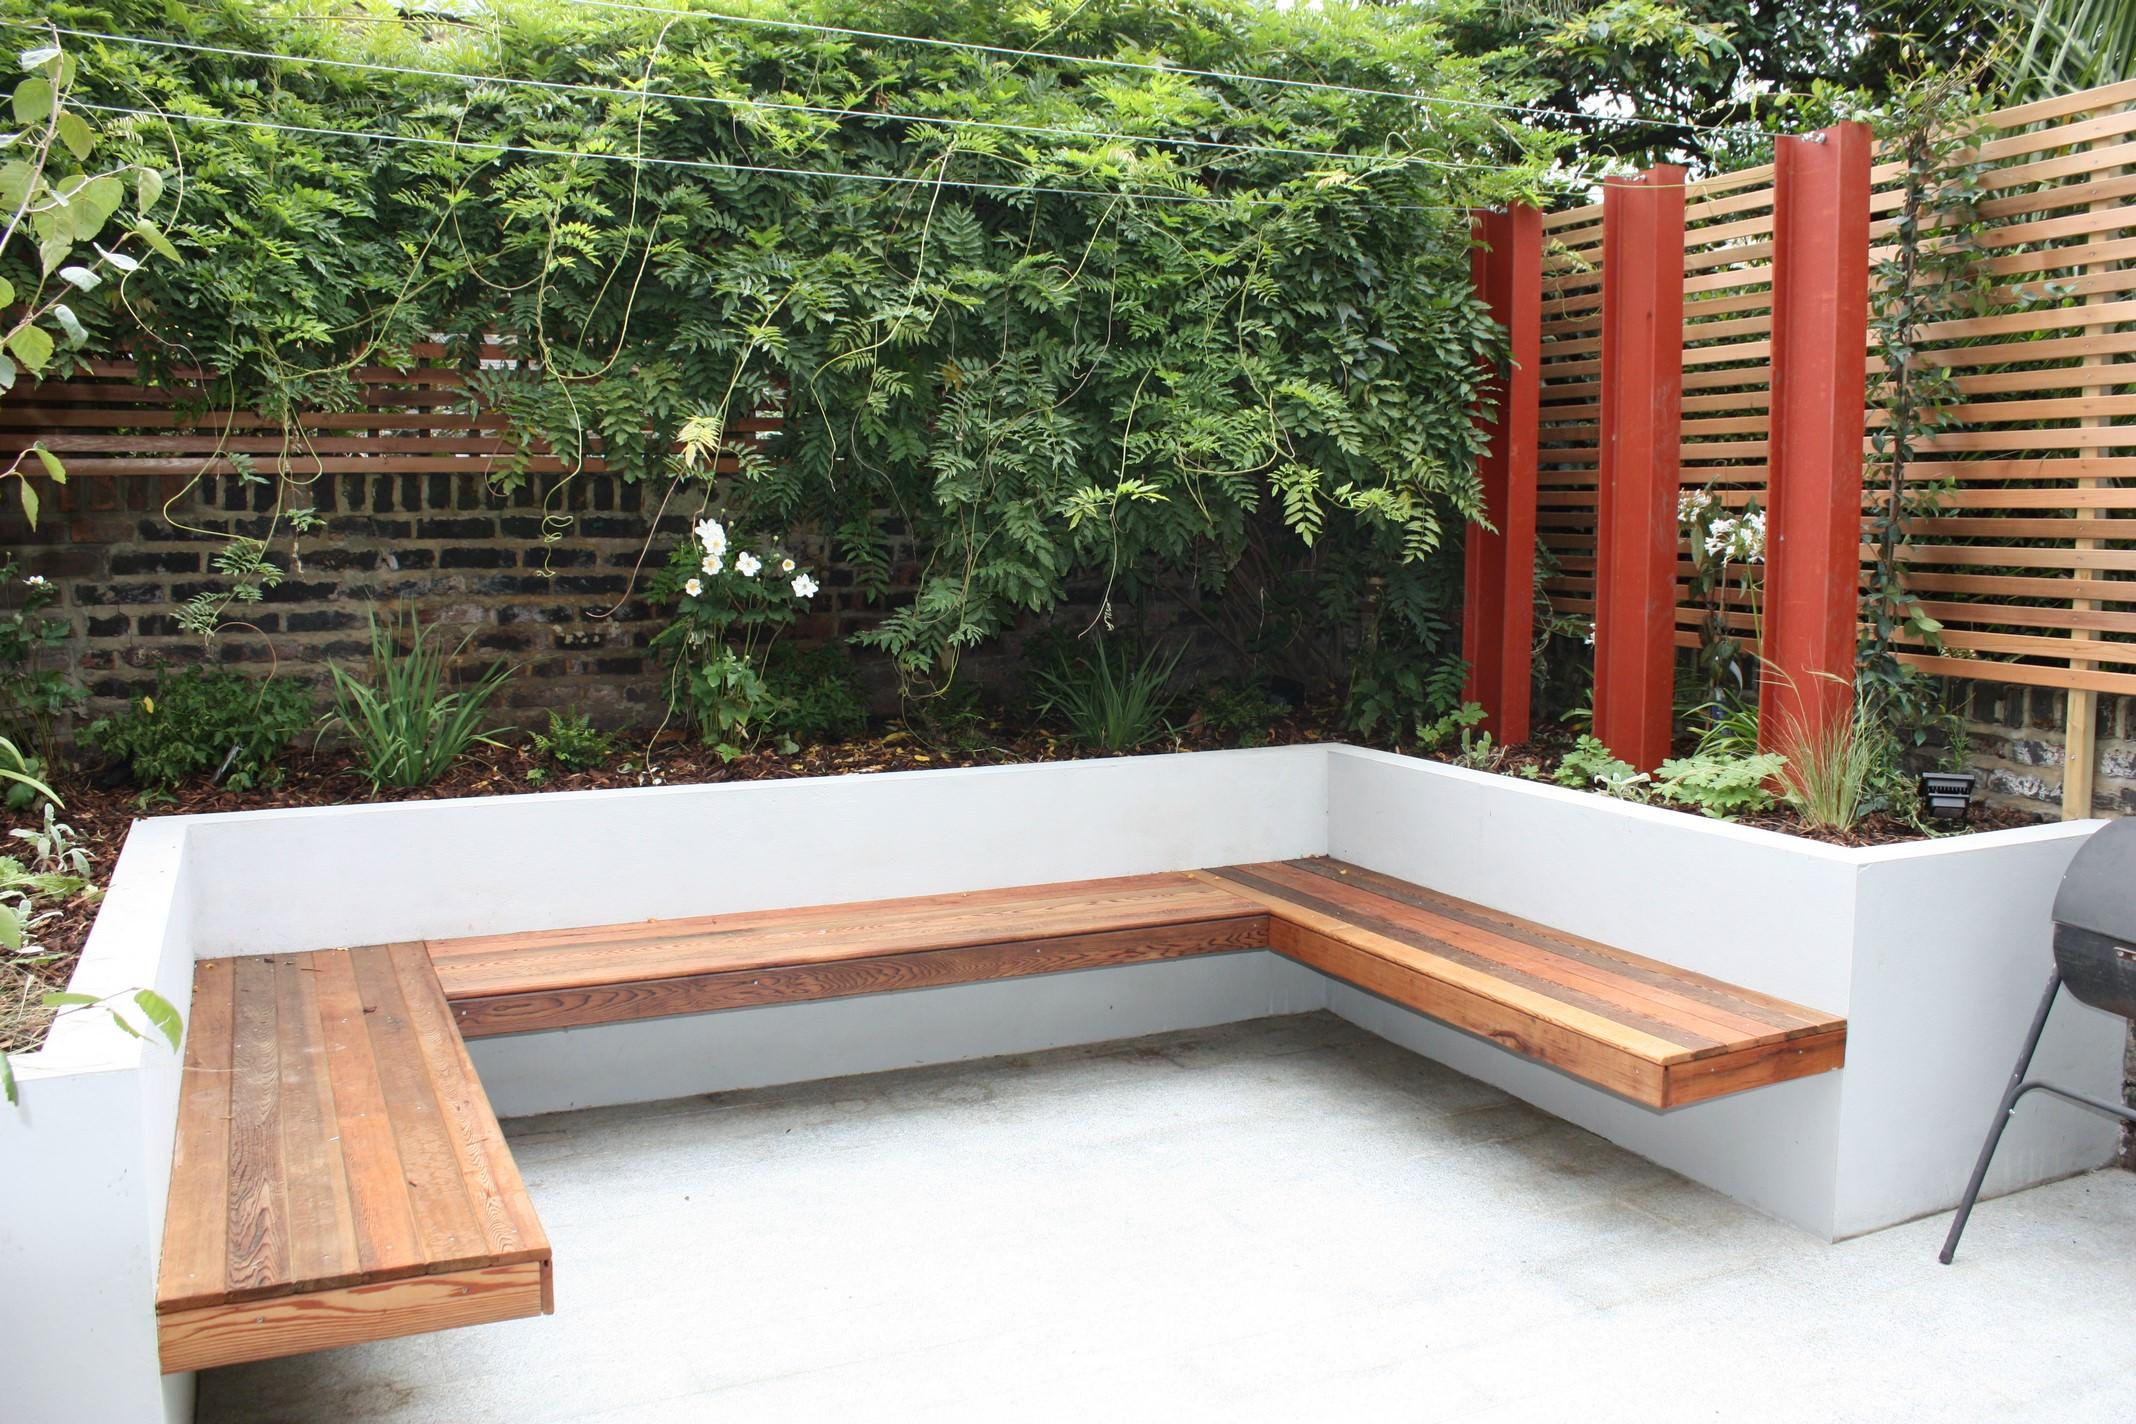 Hackney garden design by floral hardy uk for Floating bench plans